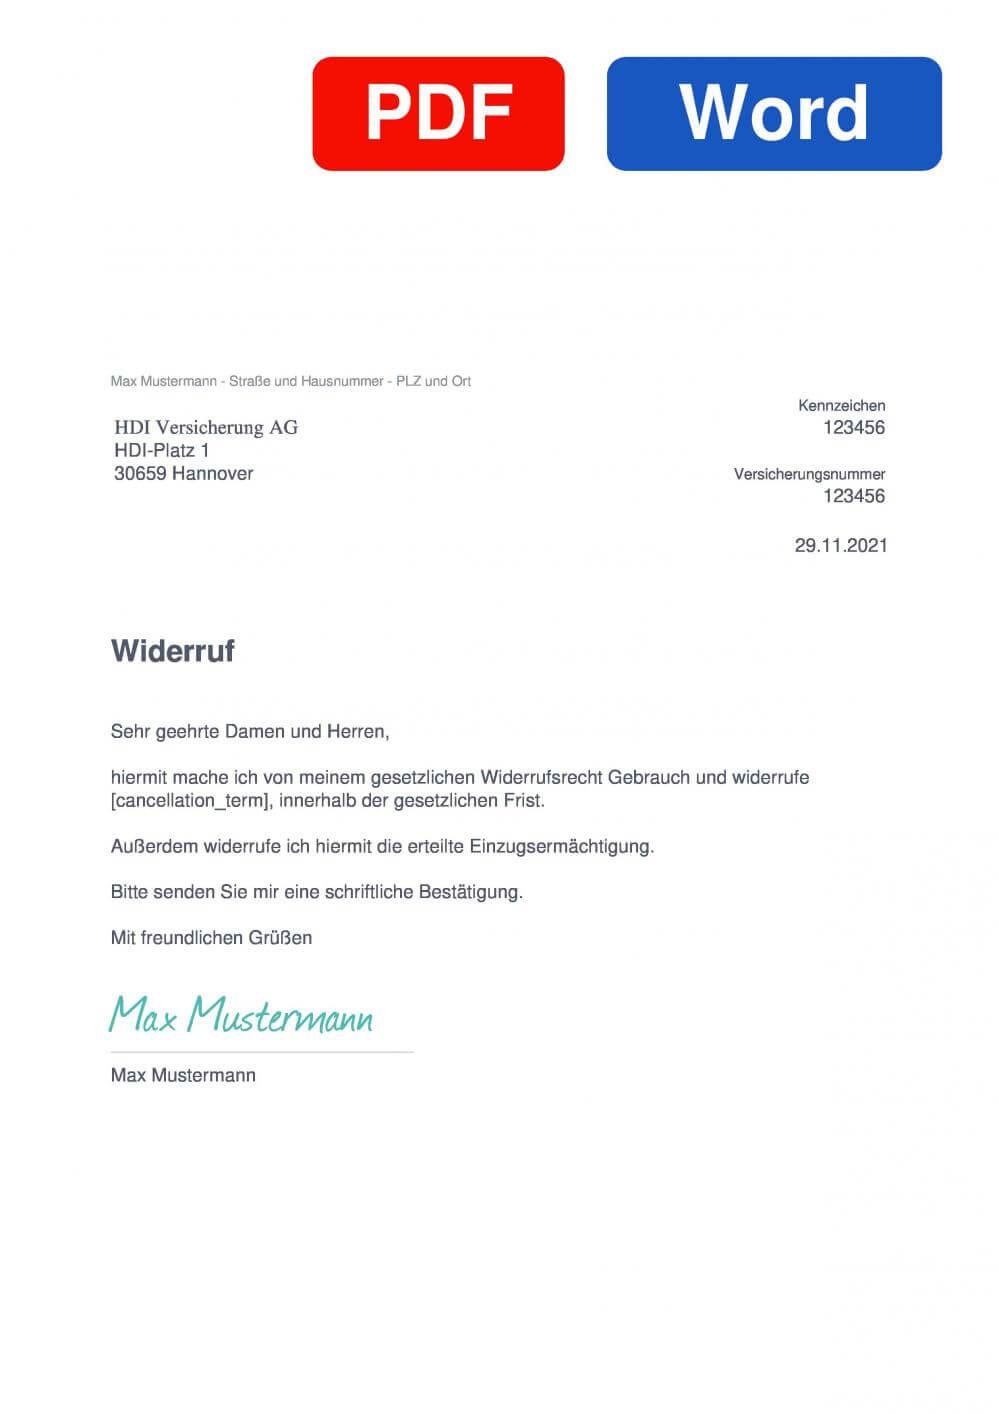 HDI KFZ-Versicherung Muster Vorlage für Wiederrufsschreiben